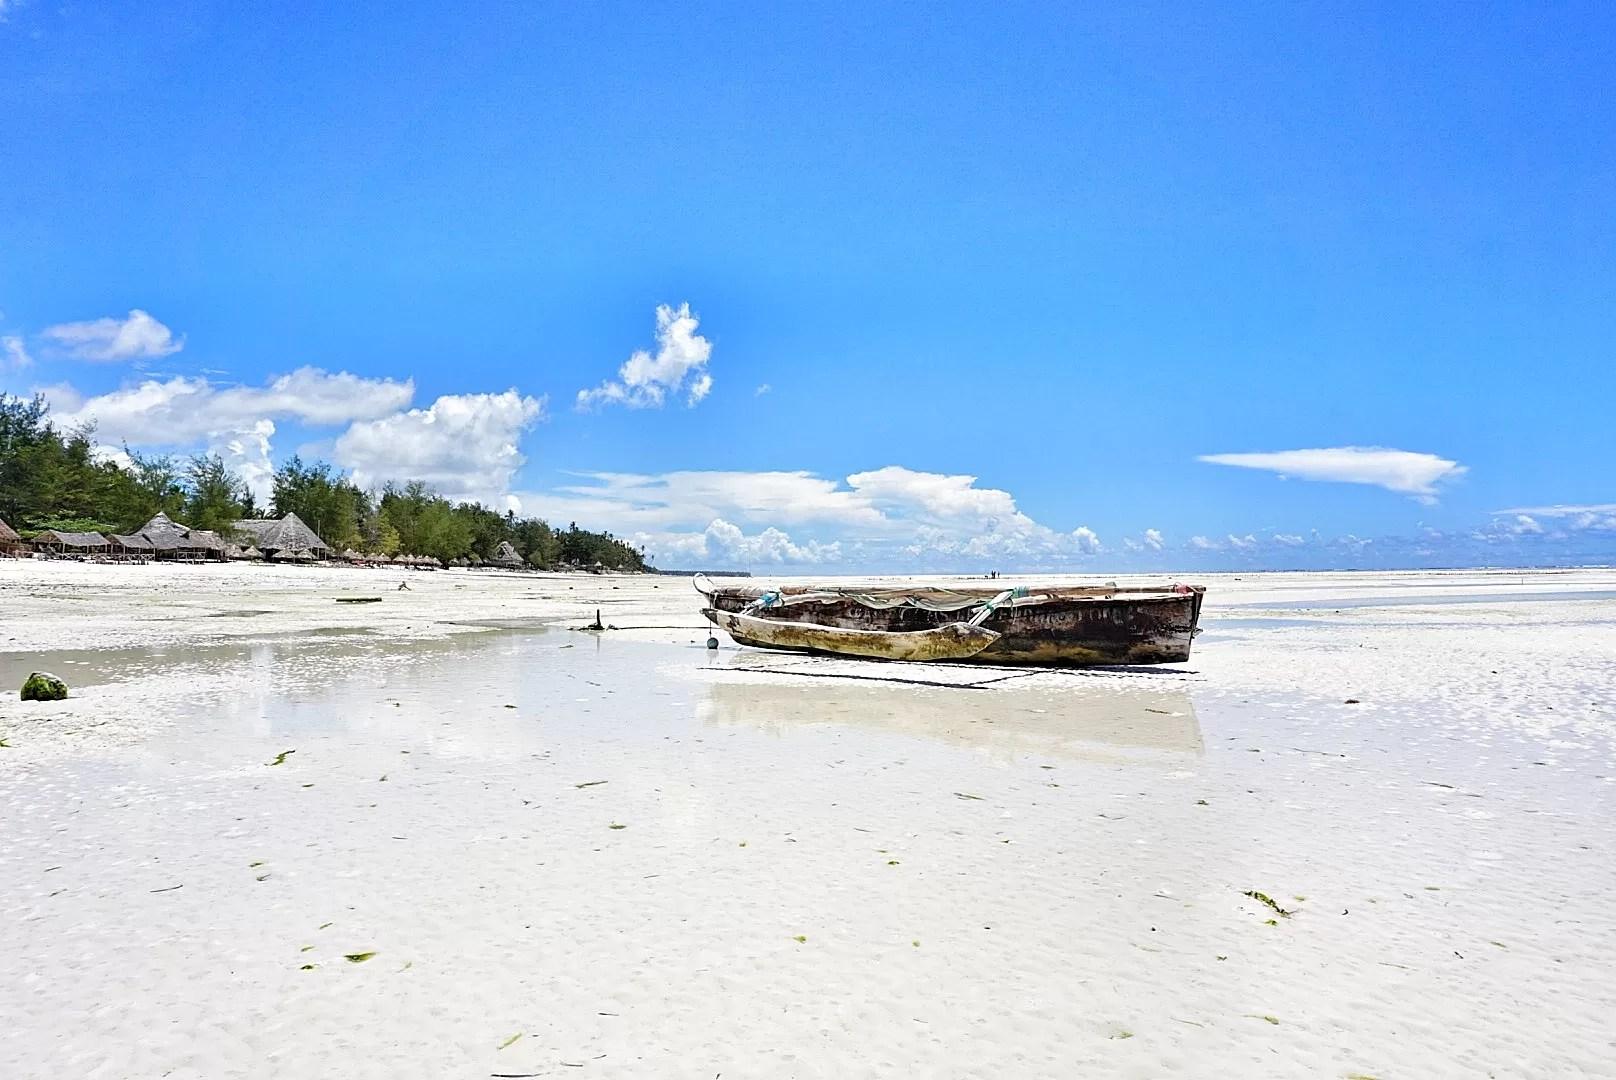 Vakantie op Zanzibar: cocktails & chill in het paradijs